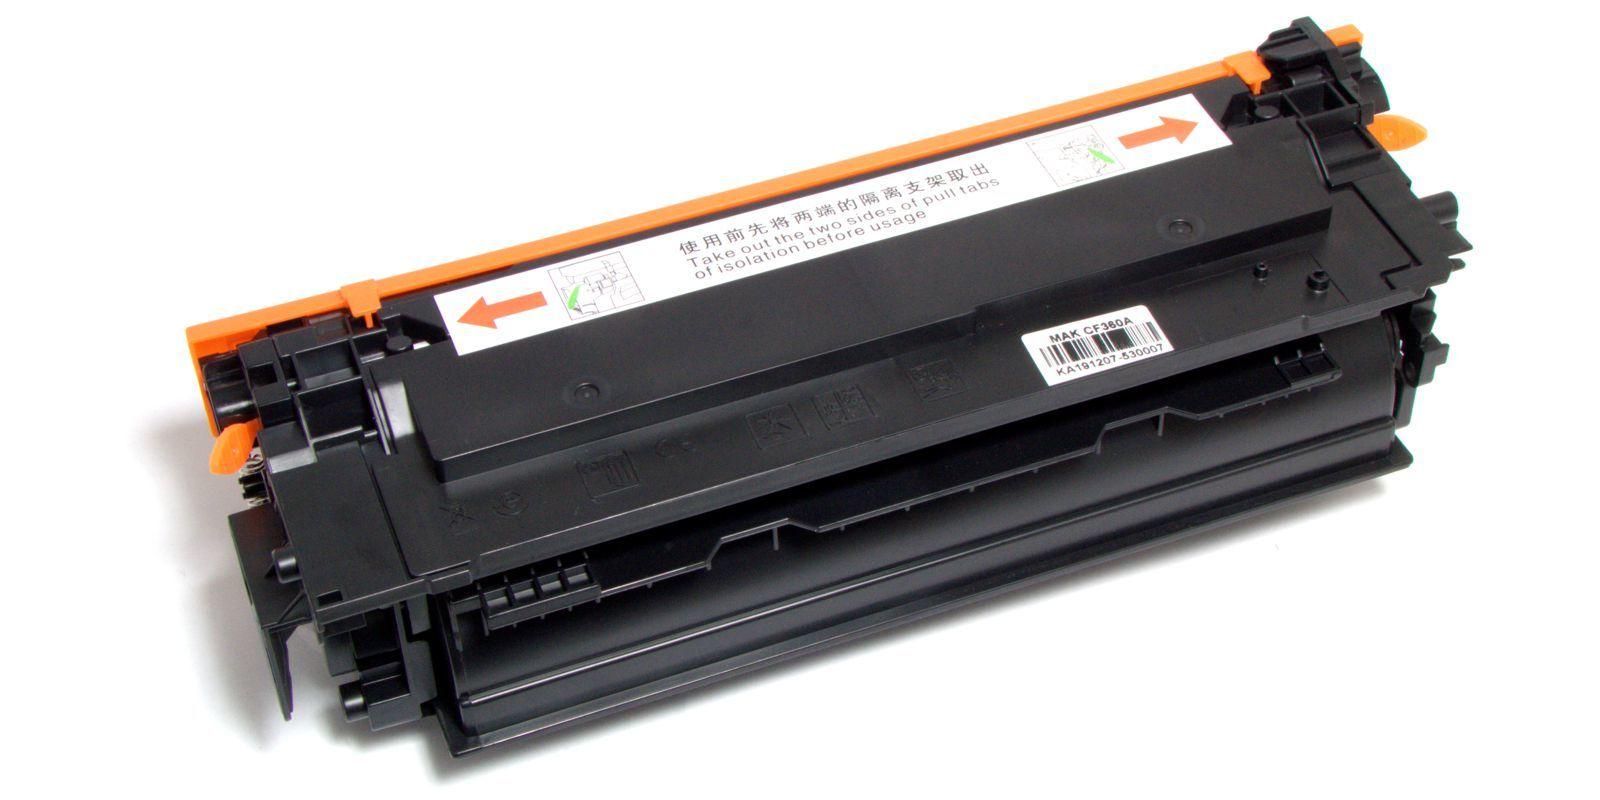 Картридж лазерный цветной MAK© 508A CF360A черный (black), до 6000 стр.